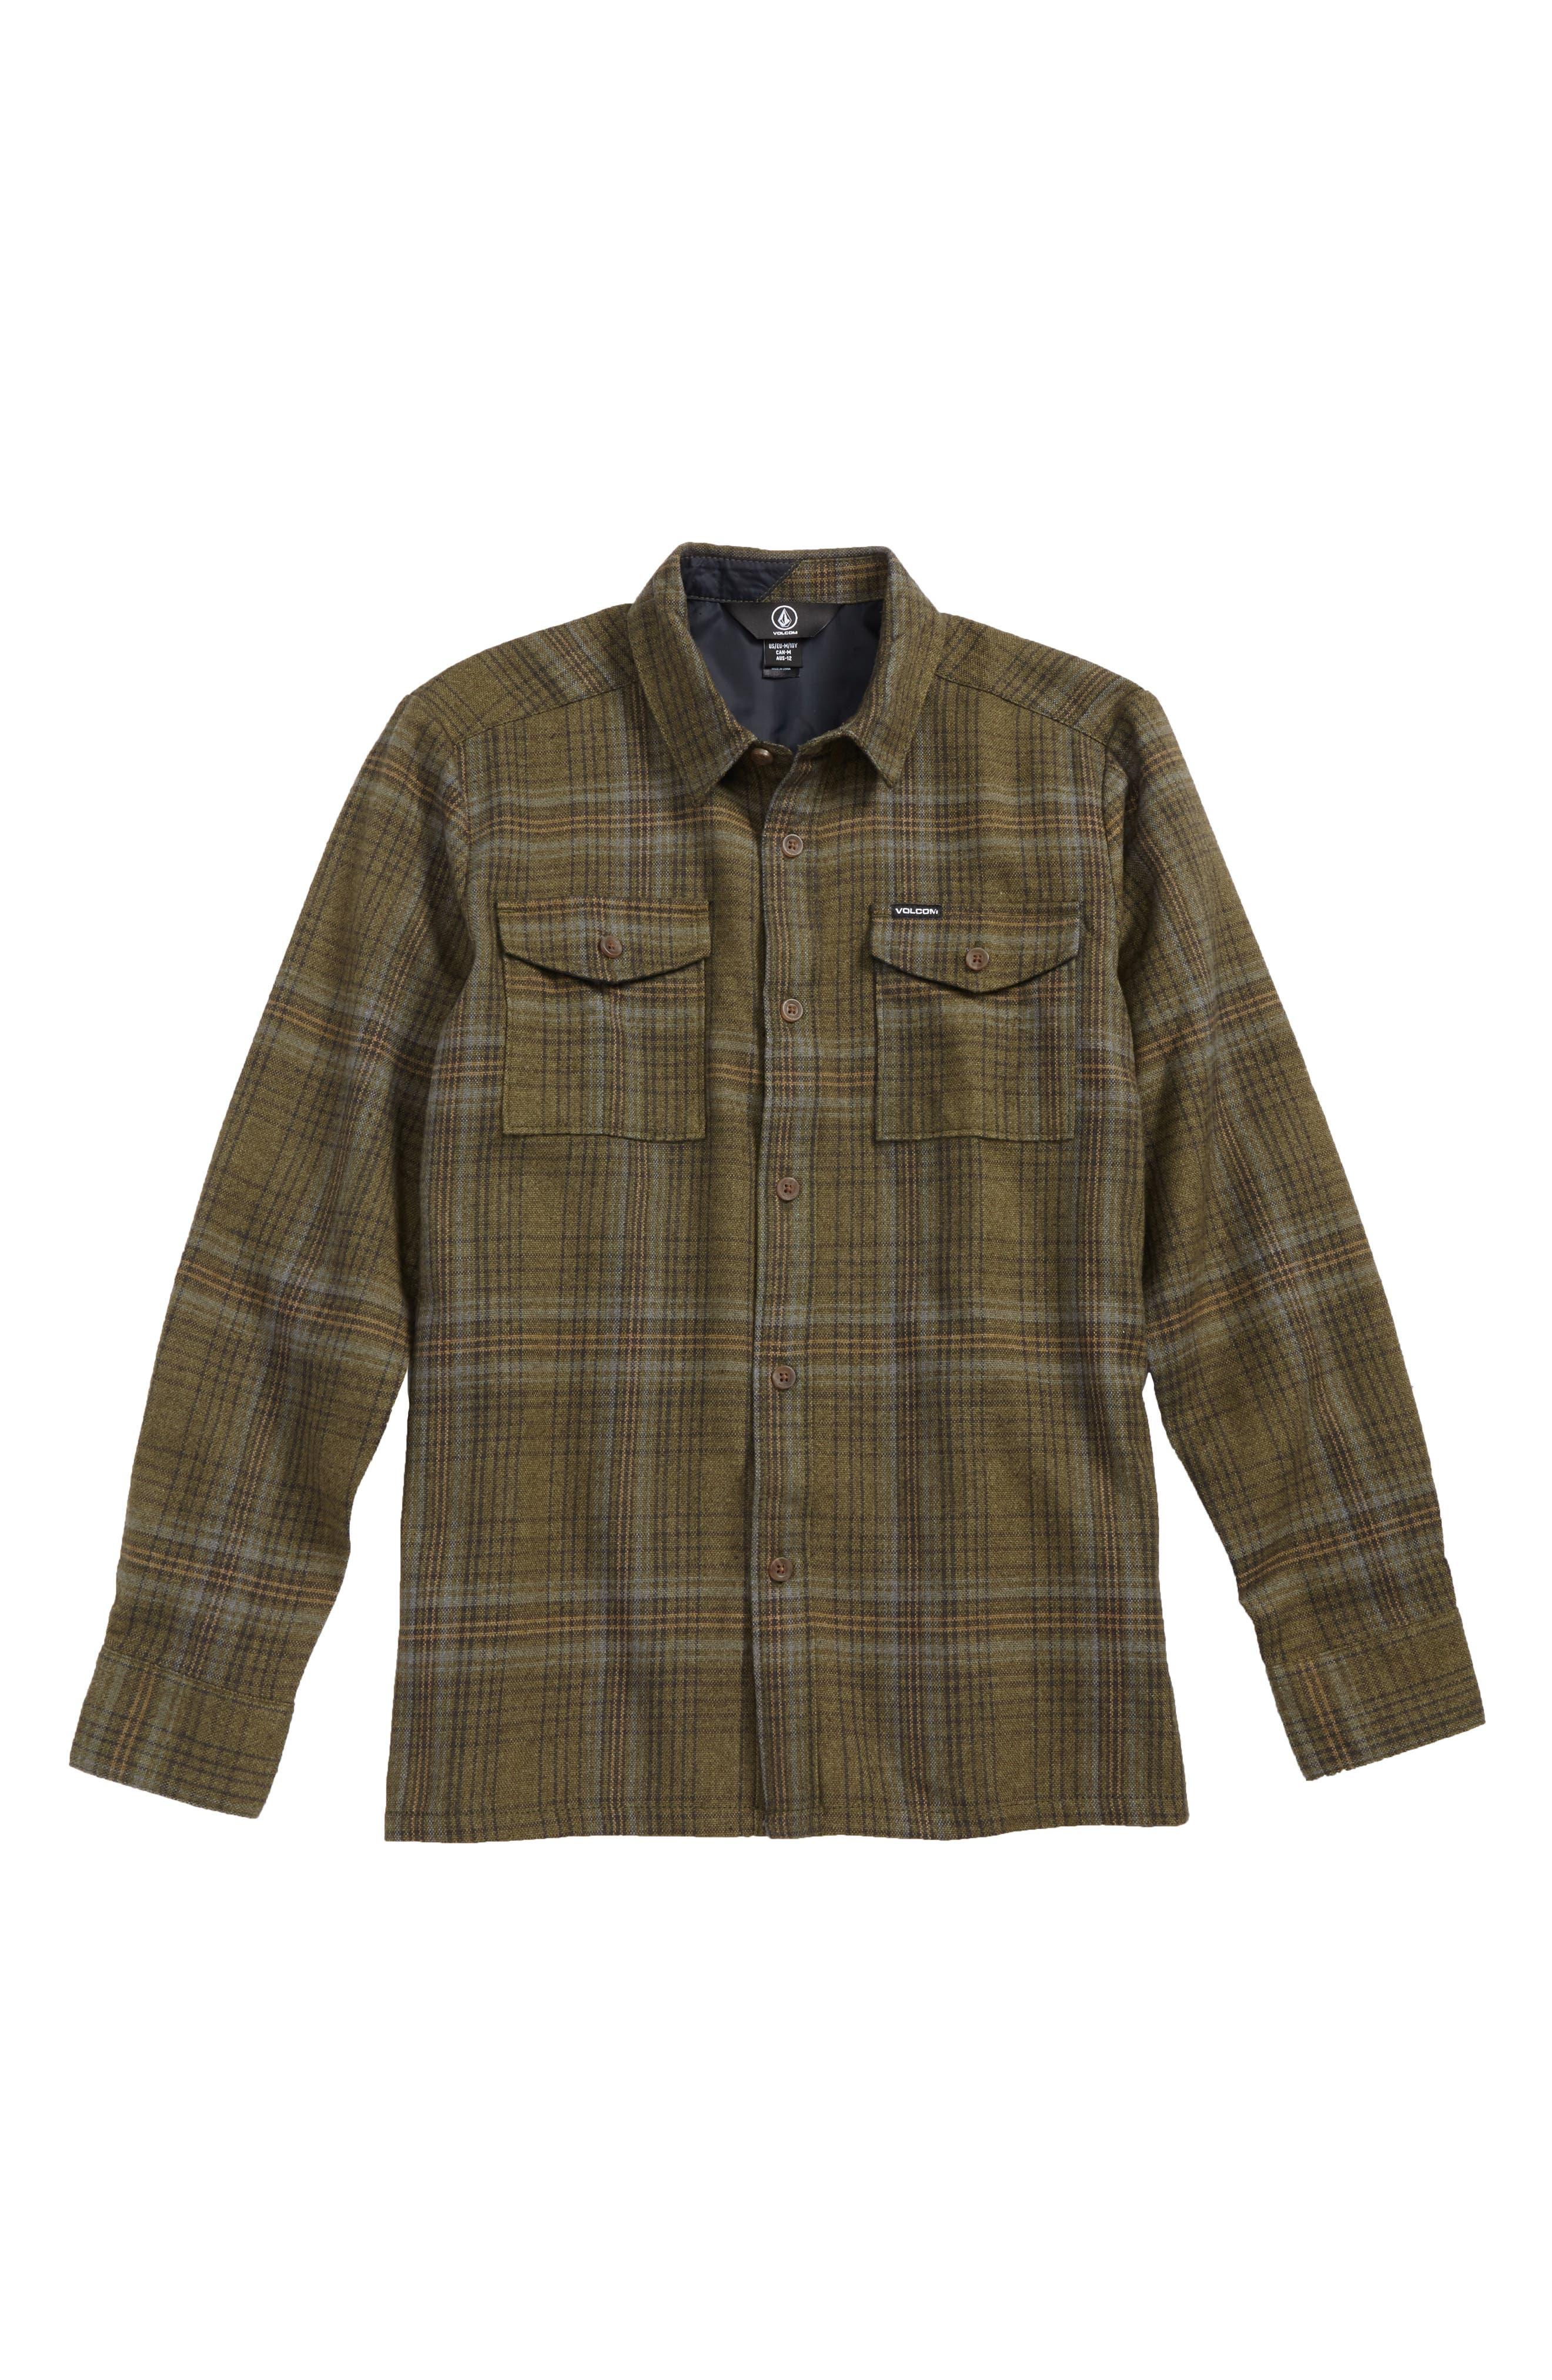 Main Image - Volcom Bodhi Plaid Flannel (Big Boys)